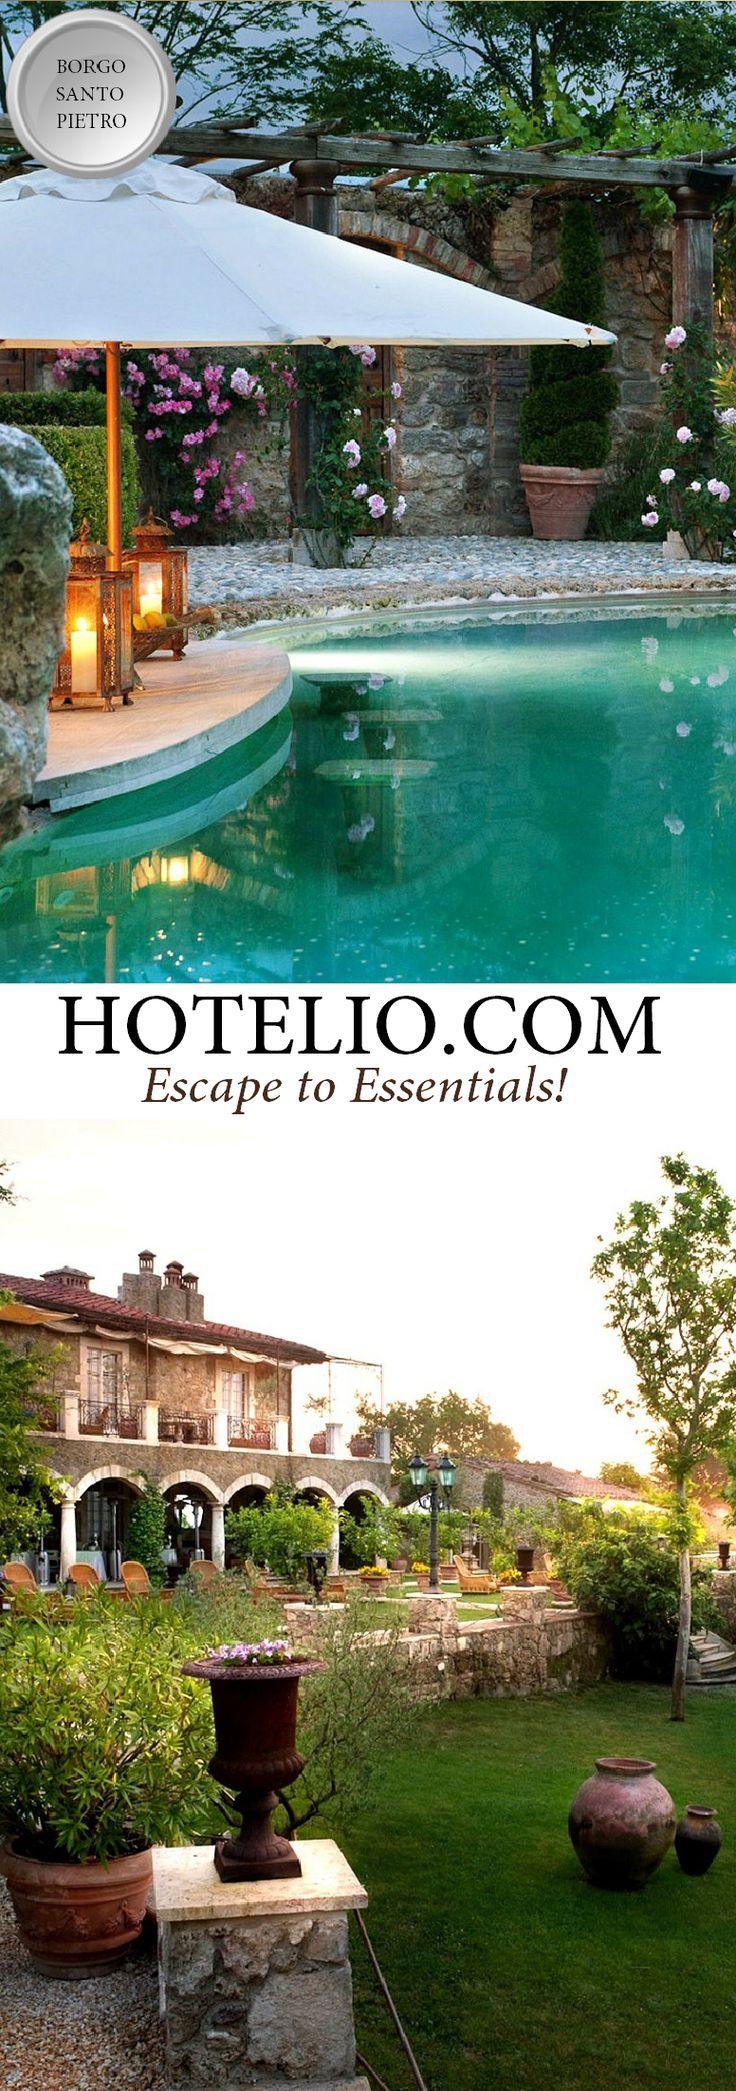 Borgo Santo Pietro    Italy - Tuscany    The hotel has very…